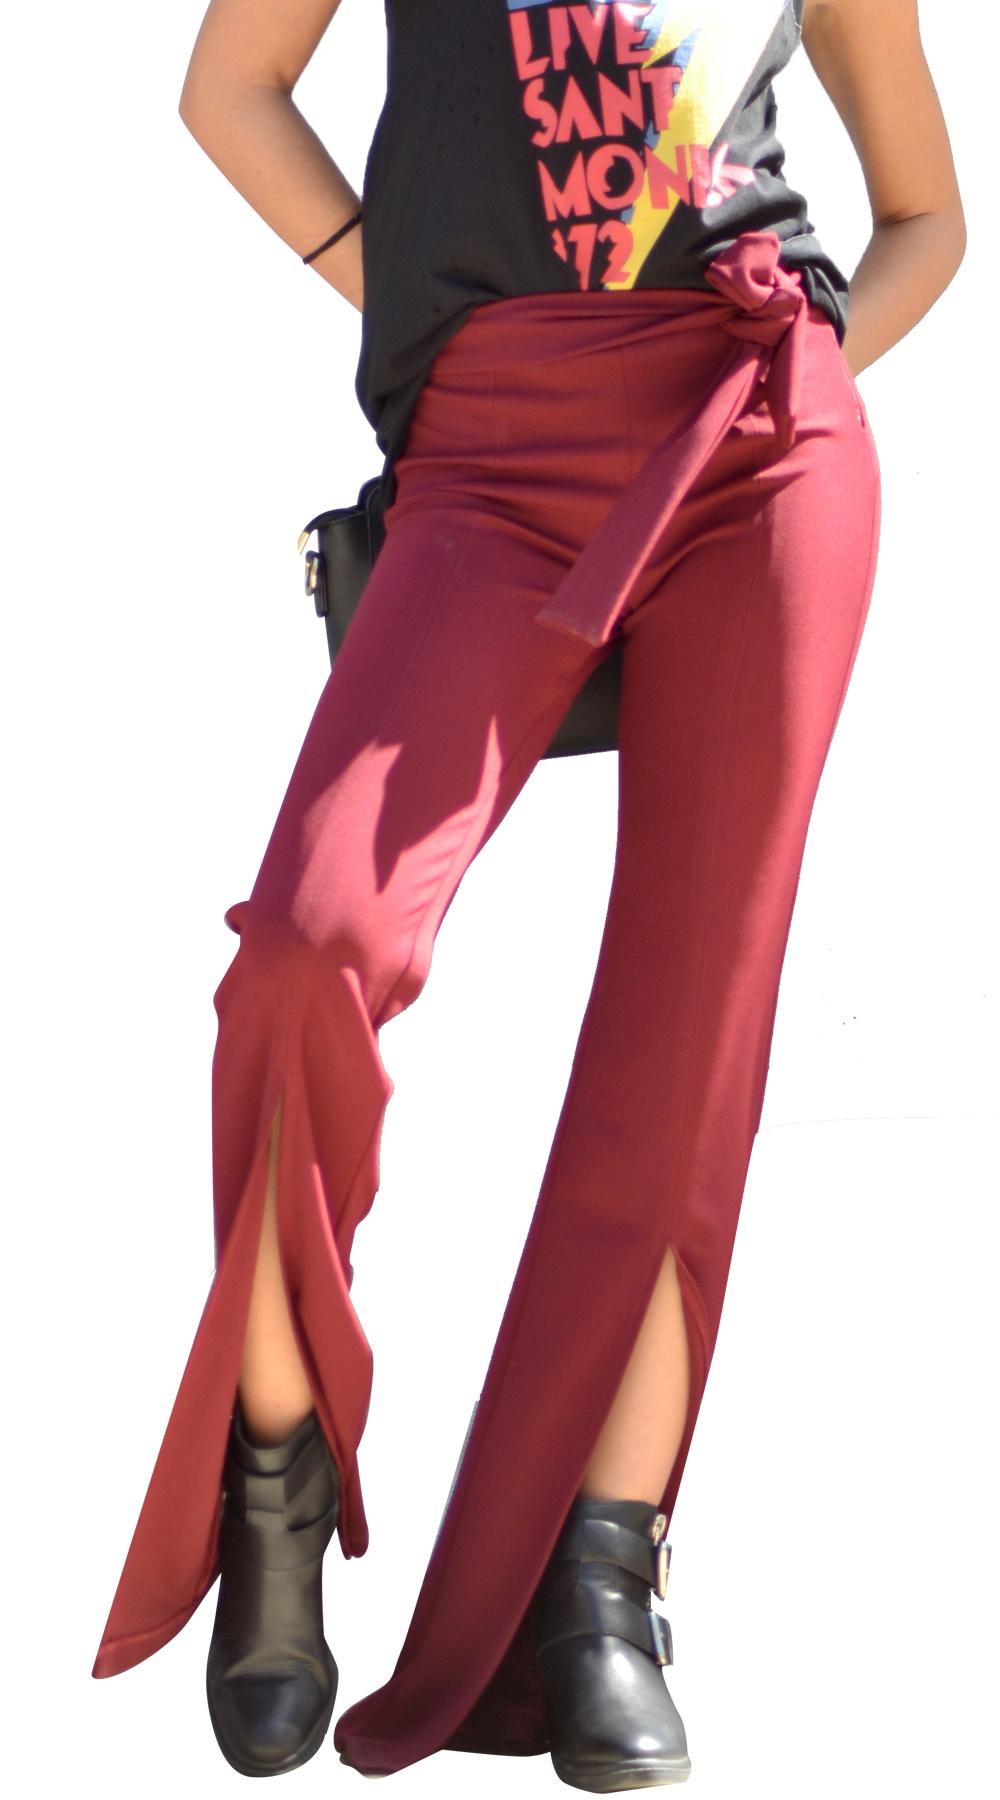 Γυναικείο παντελόνι mermaid με σκίσιμο - LOVE ME - FA17LV-40522 top trends monochrome